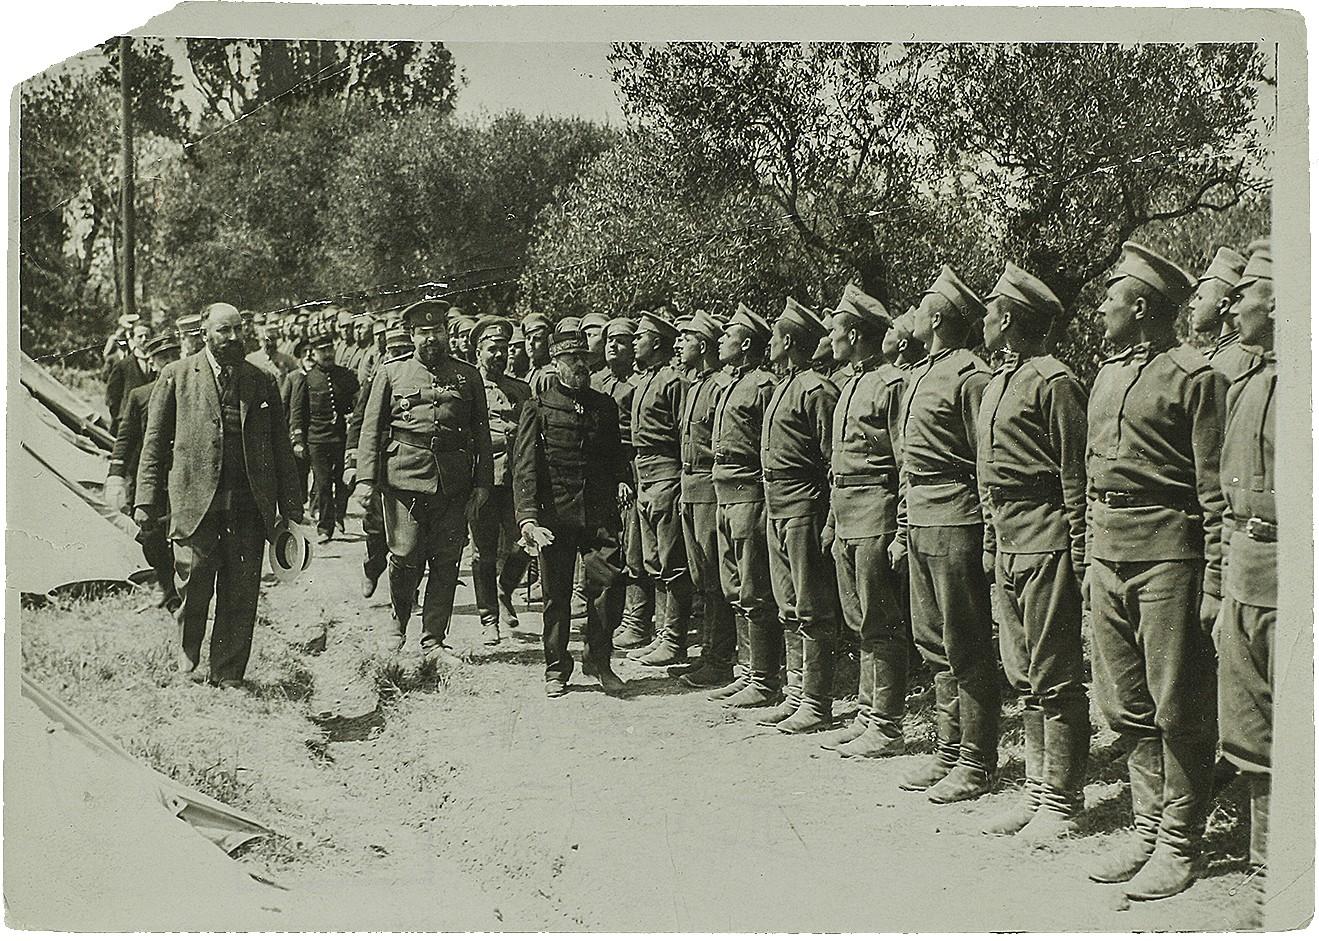 Фото обхода помощником военного агента во Франции полковником Ознобышиным Дмитрием Ивановичем с представителем французского командования построения частей Экспедиционного корпуса